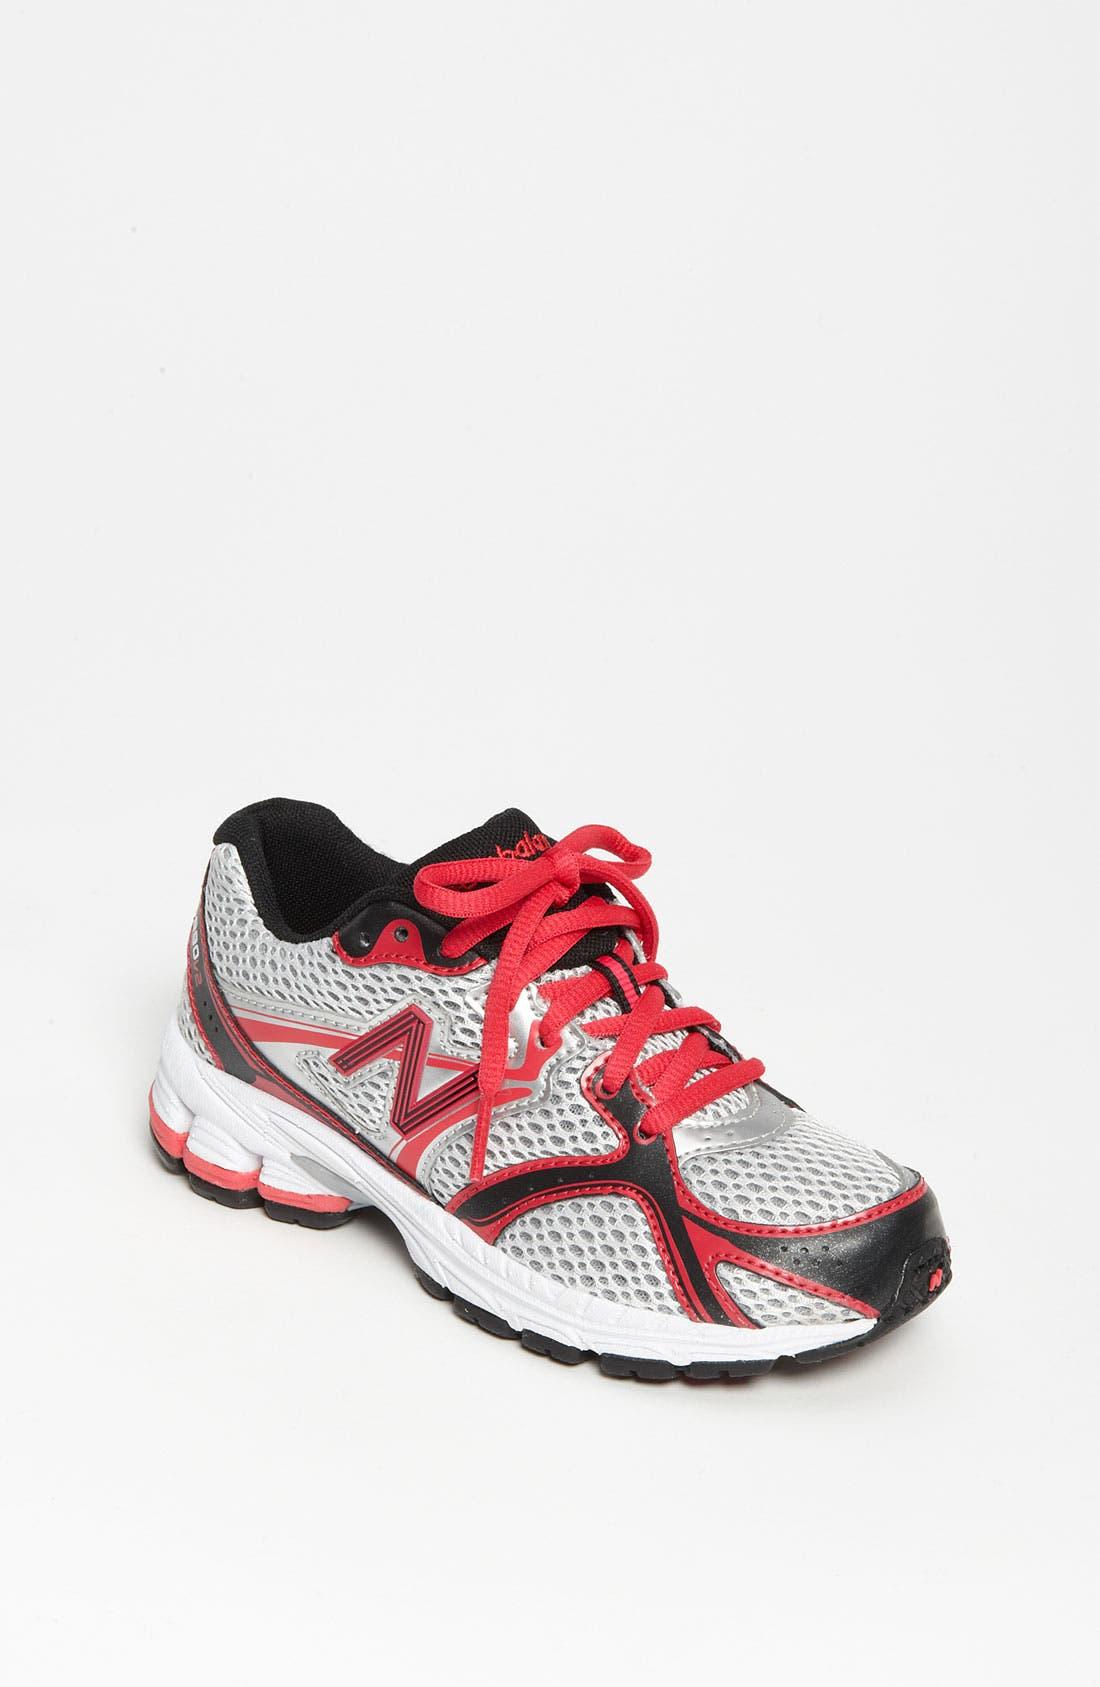 Main Image - New Balance 'Take Down 880' Running Shoe (Toddler, Little Kid & Big Kid)